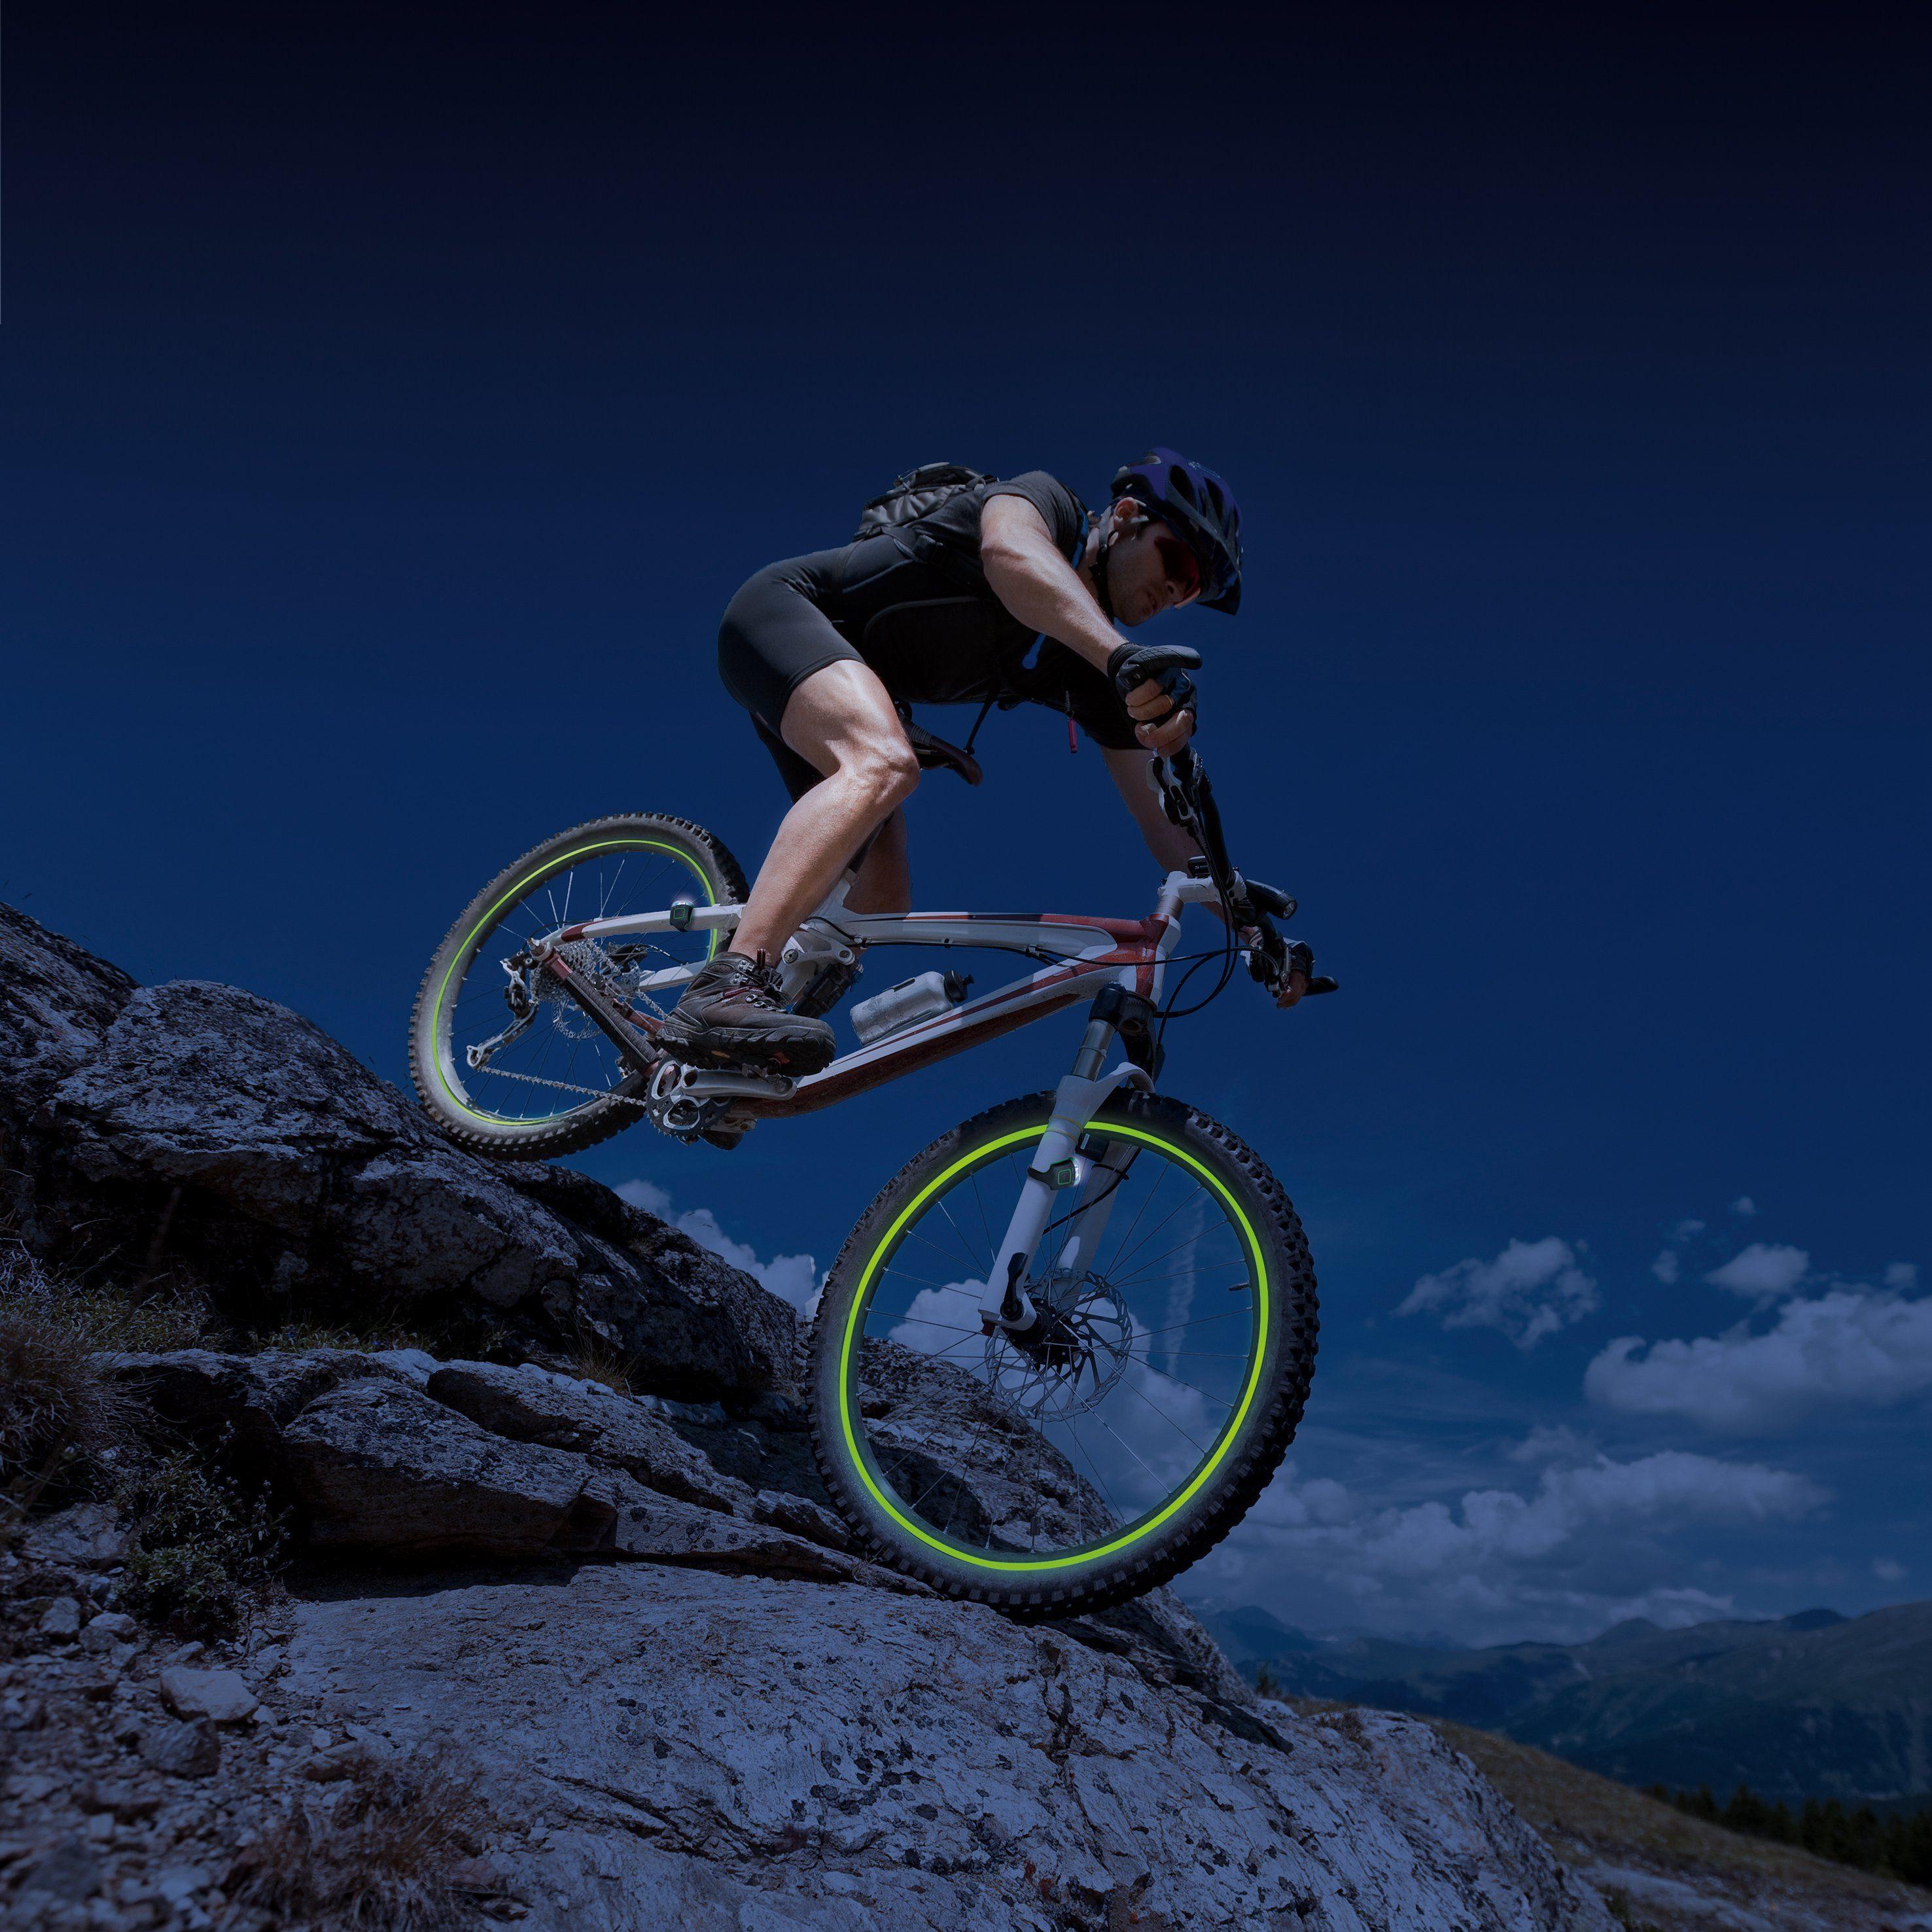 Glow Garage Fahrrad-Leuchtstreifen, 5tlg. Set, »Glow Garage Fun-Leuchtstreifen«